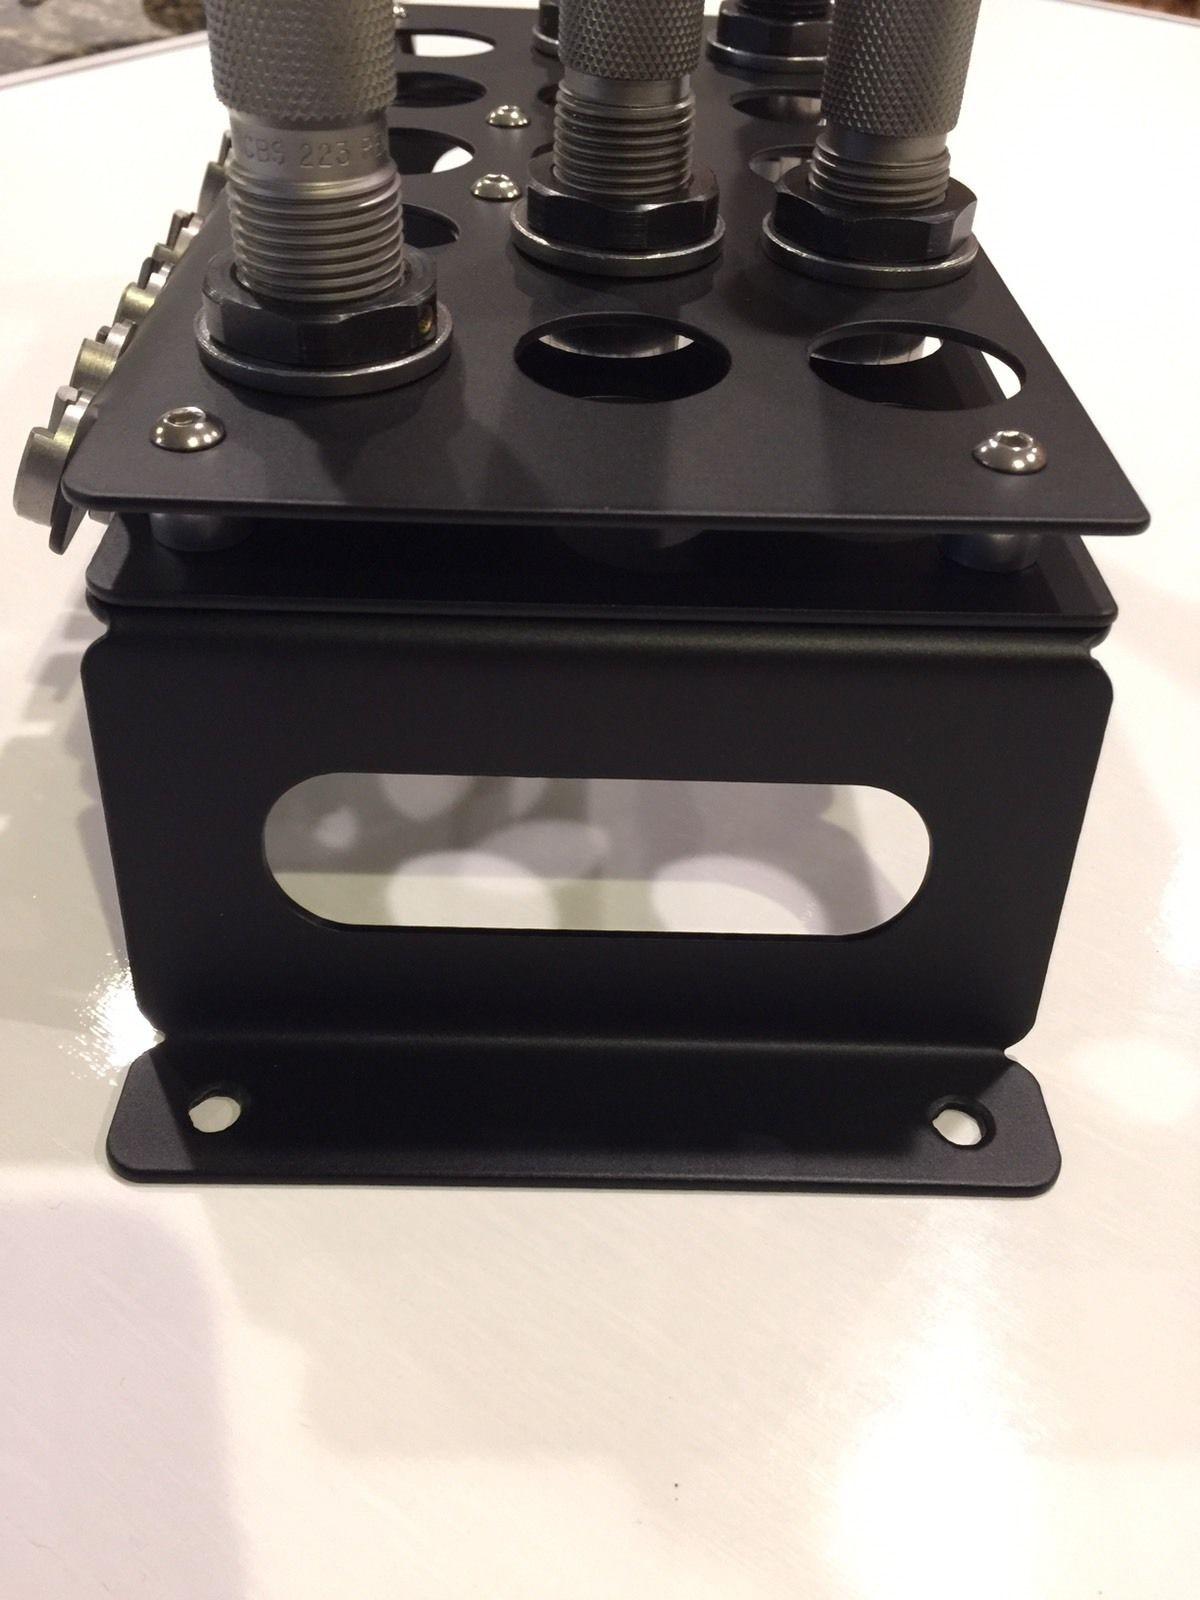 Hornady Shell Holder Magnetic Organizer//Holder